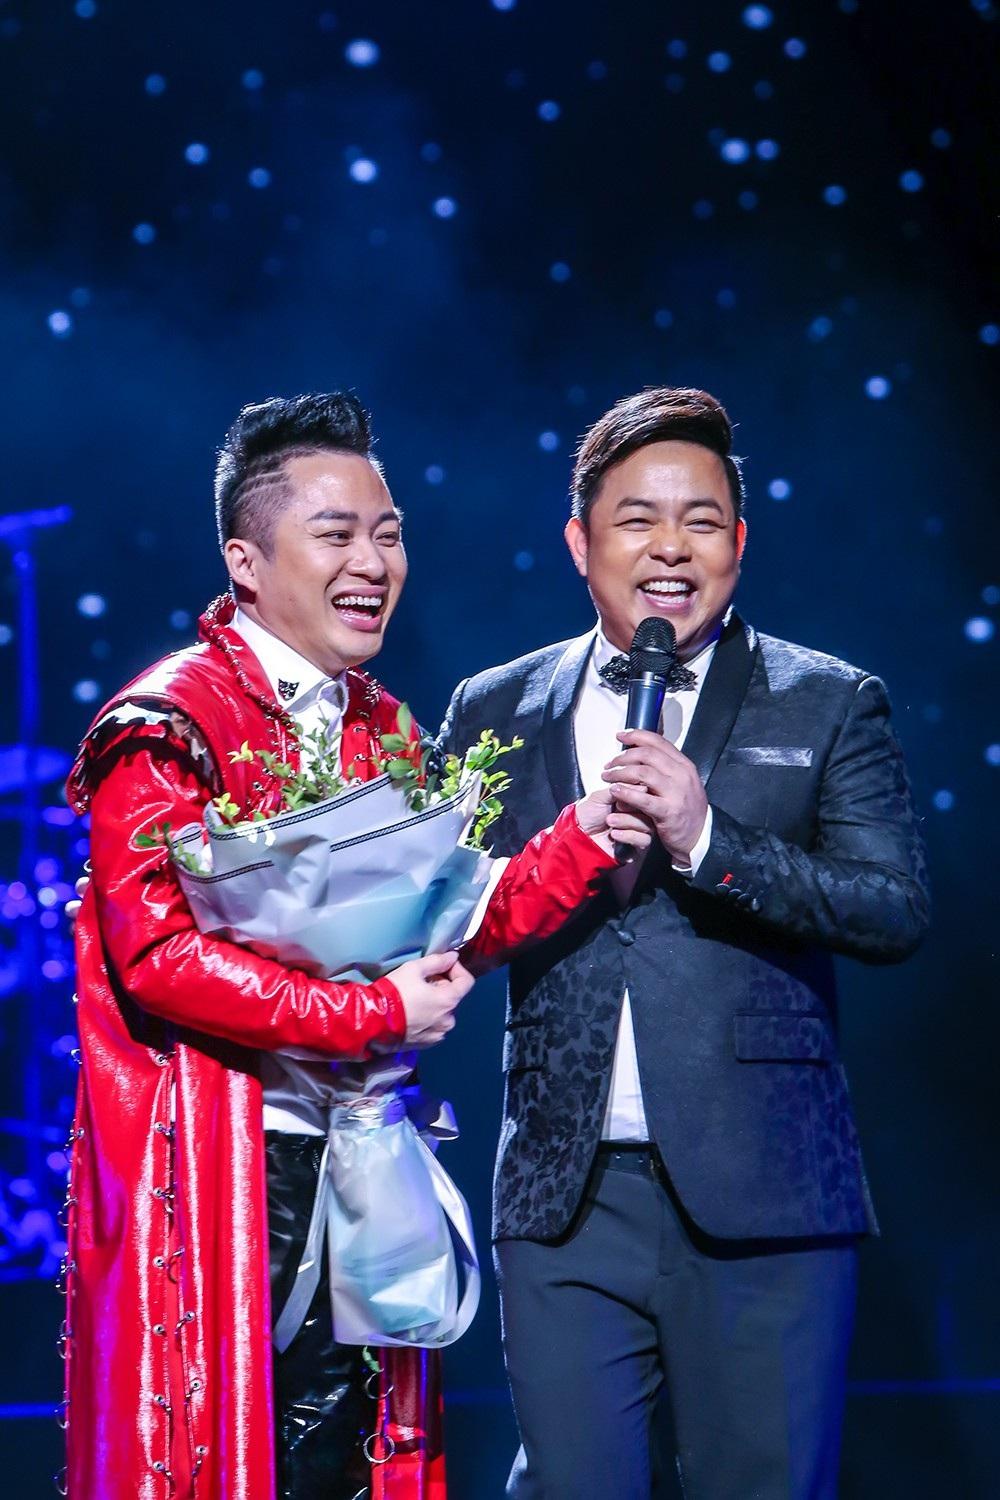 Quang Lê bị Minh Tuyết bắt bẻ chuyện kết hôn trong quá khứ - Ảnh 8.